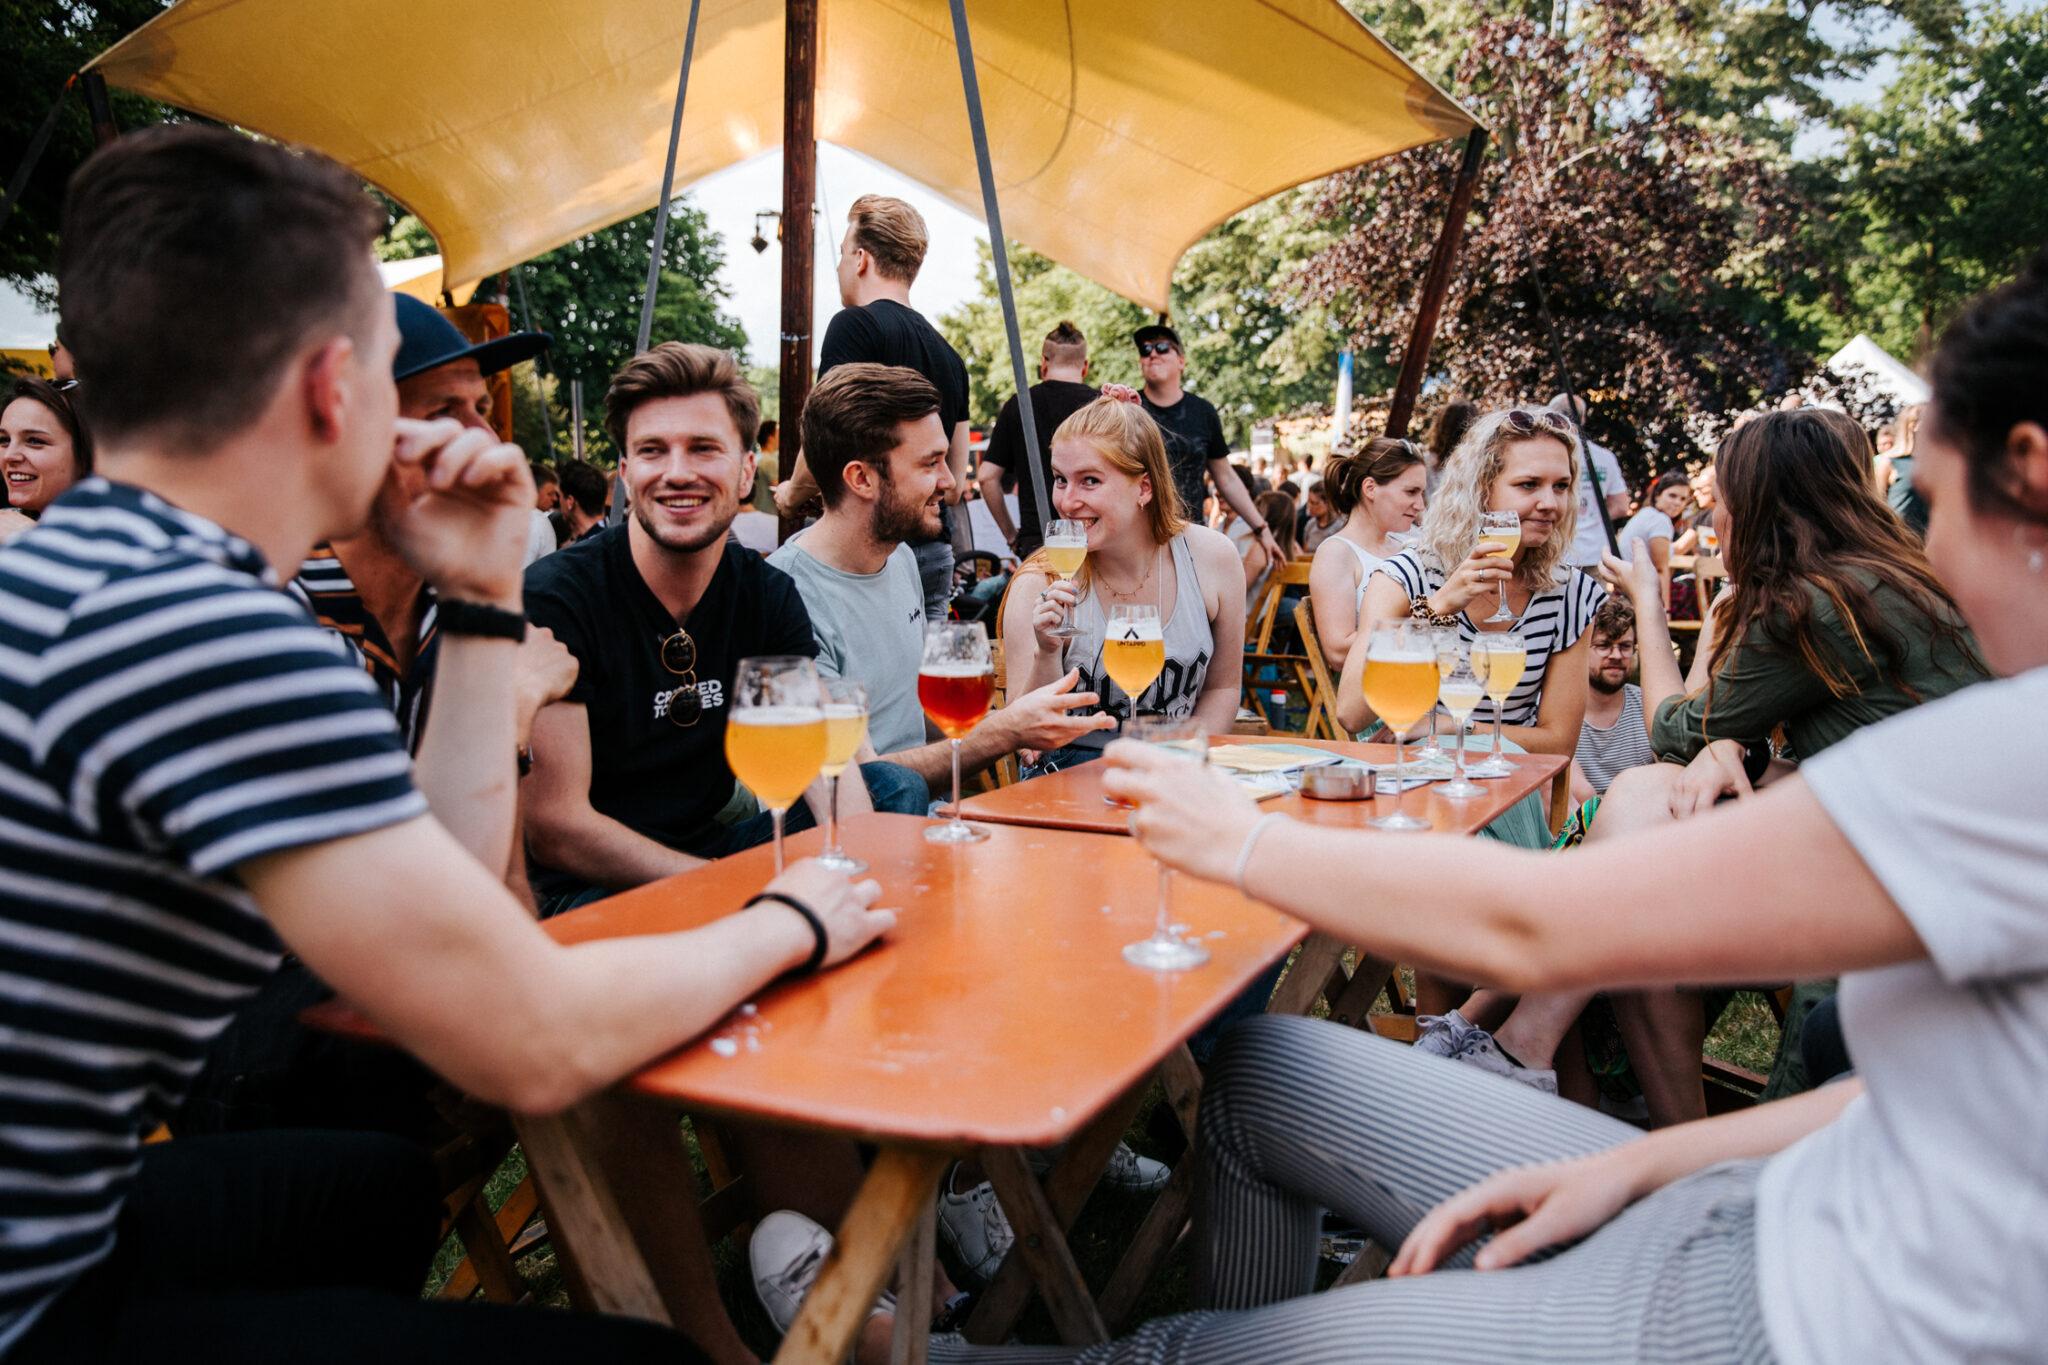 bierfestival BeerSelect